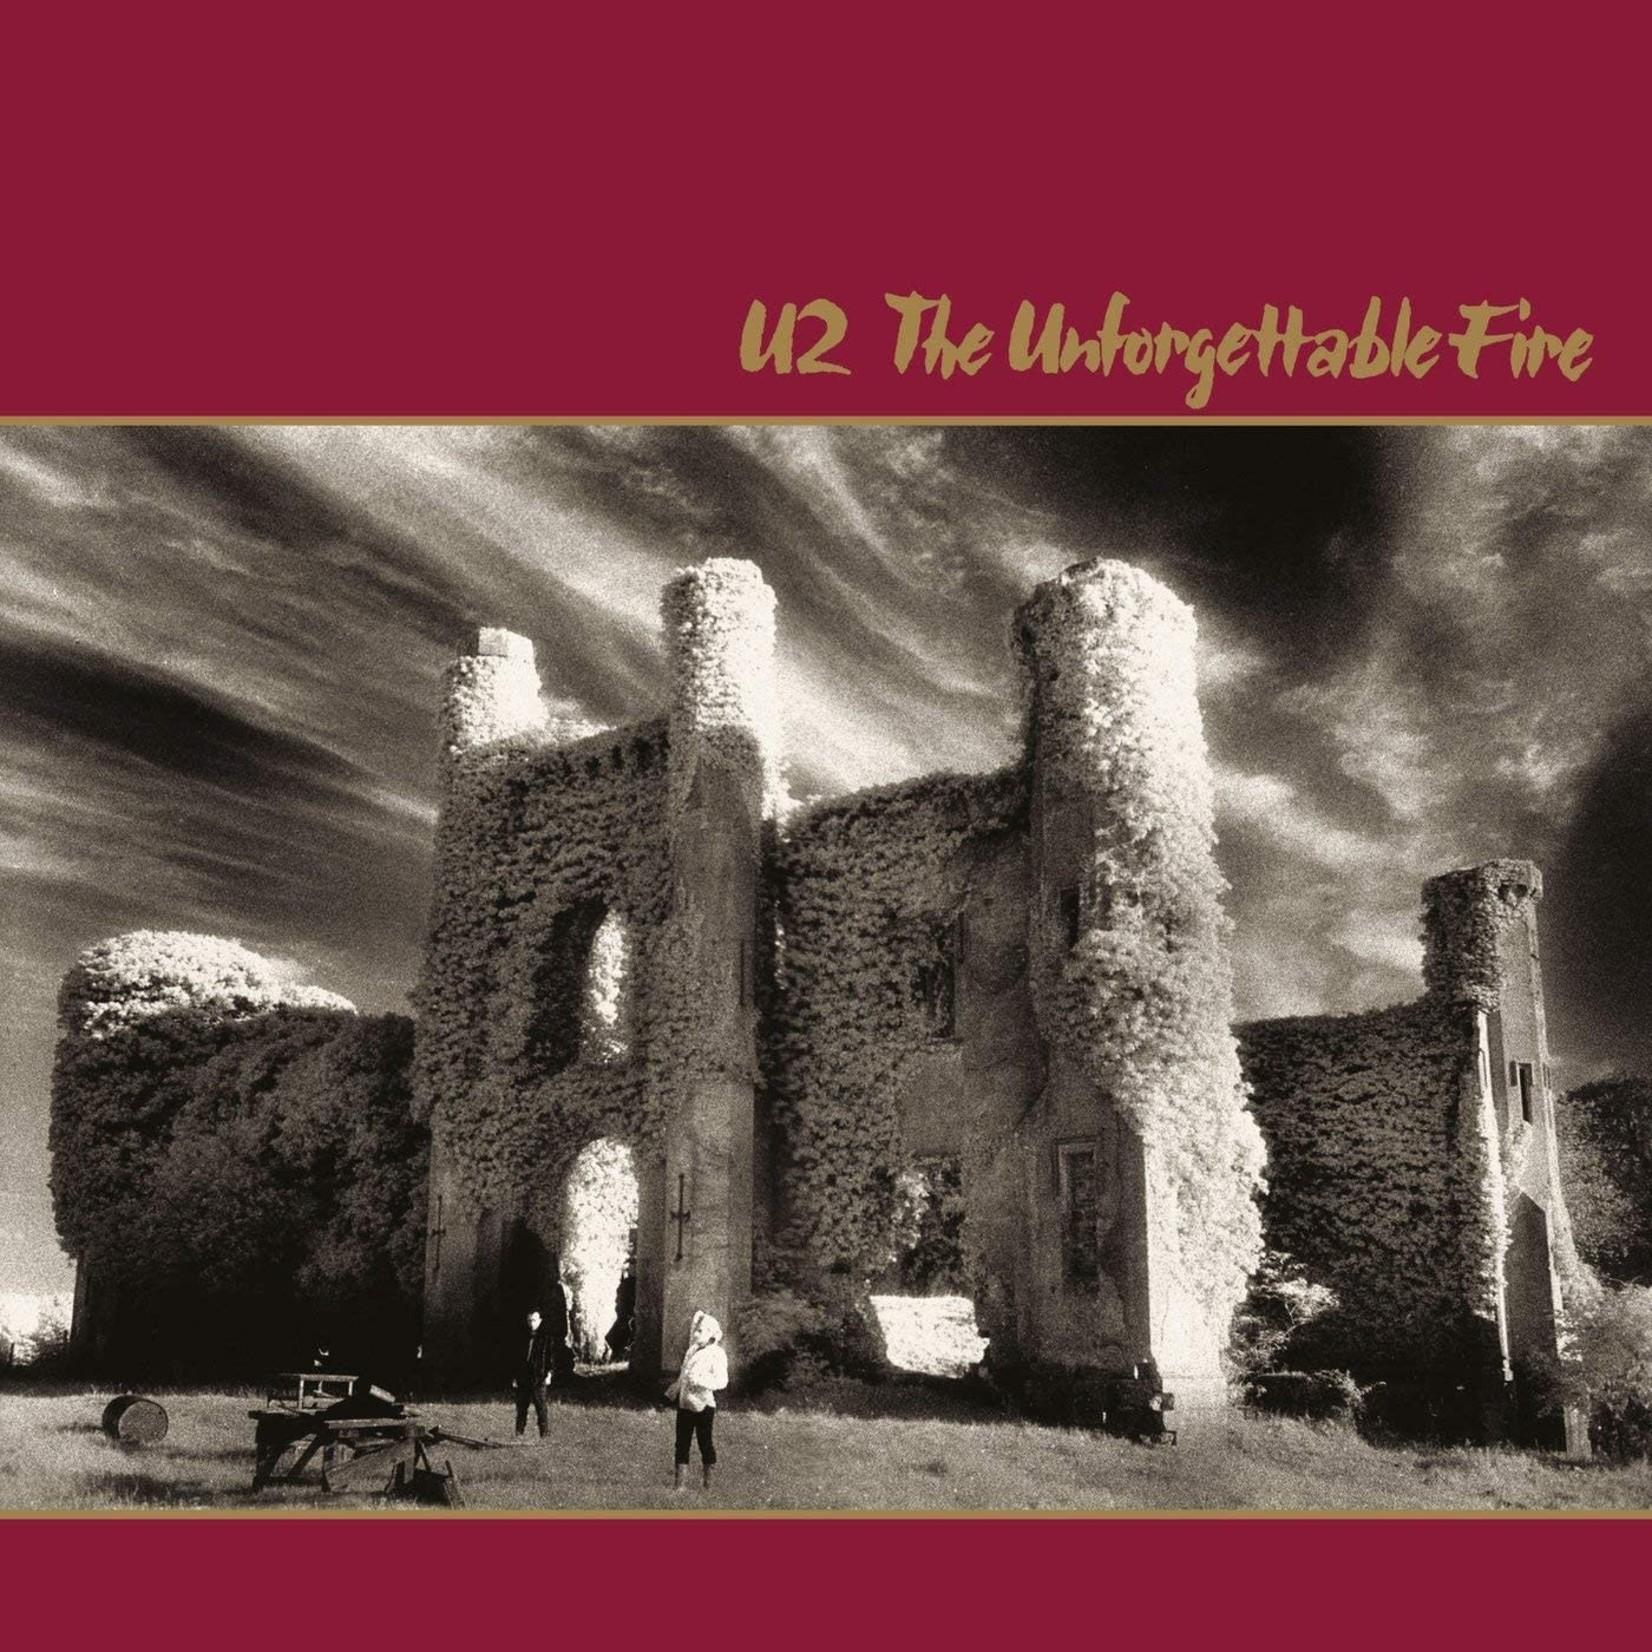 [Vintage] U2: Unforgettable Fire